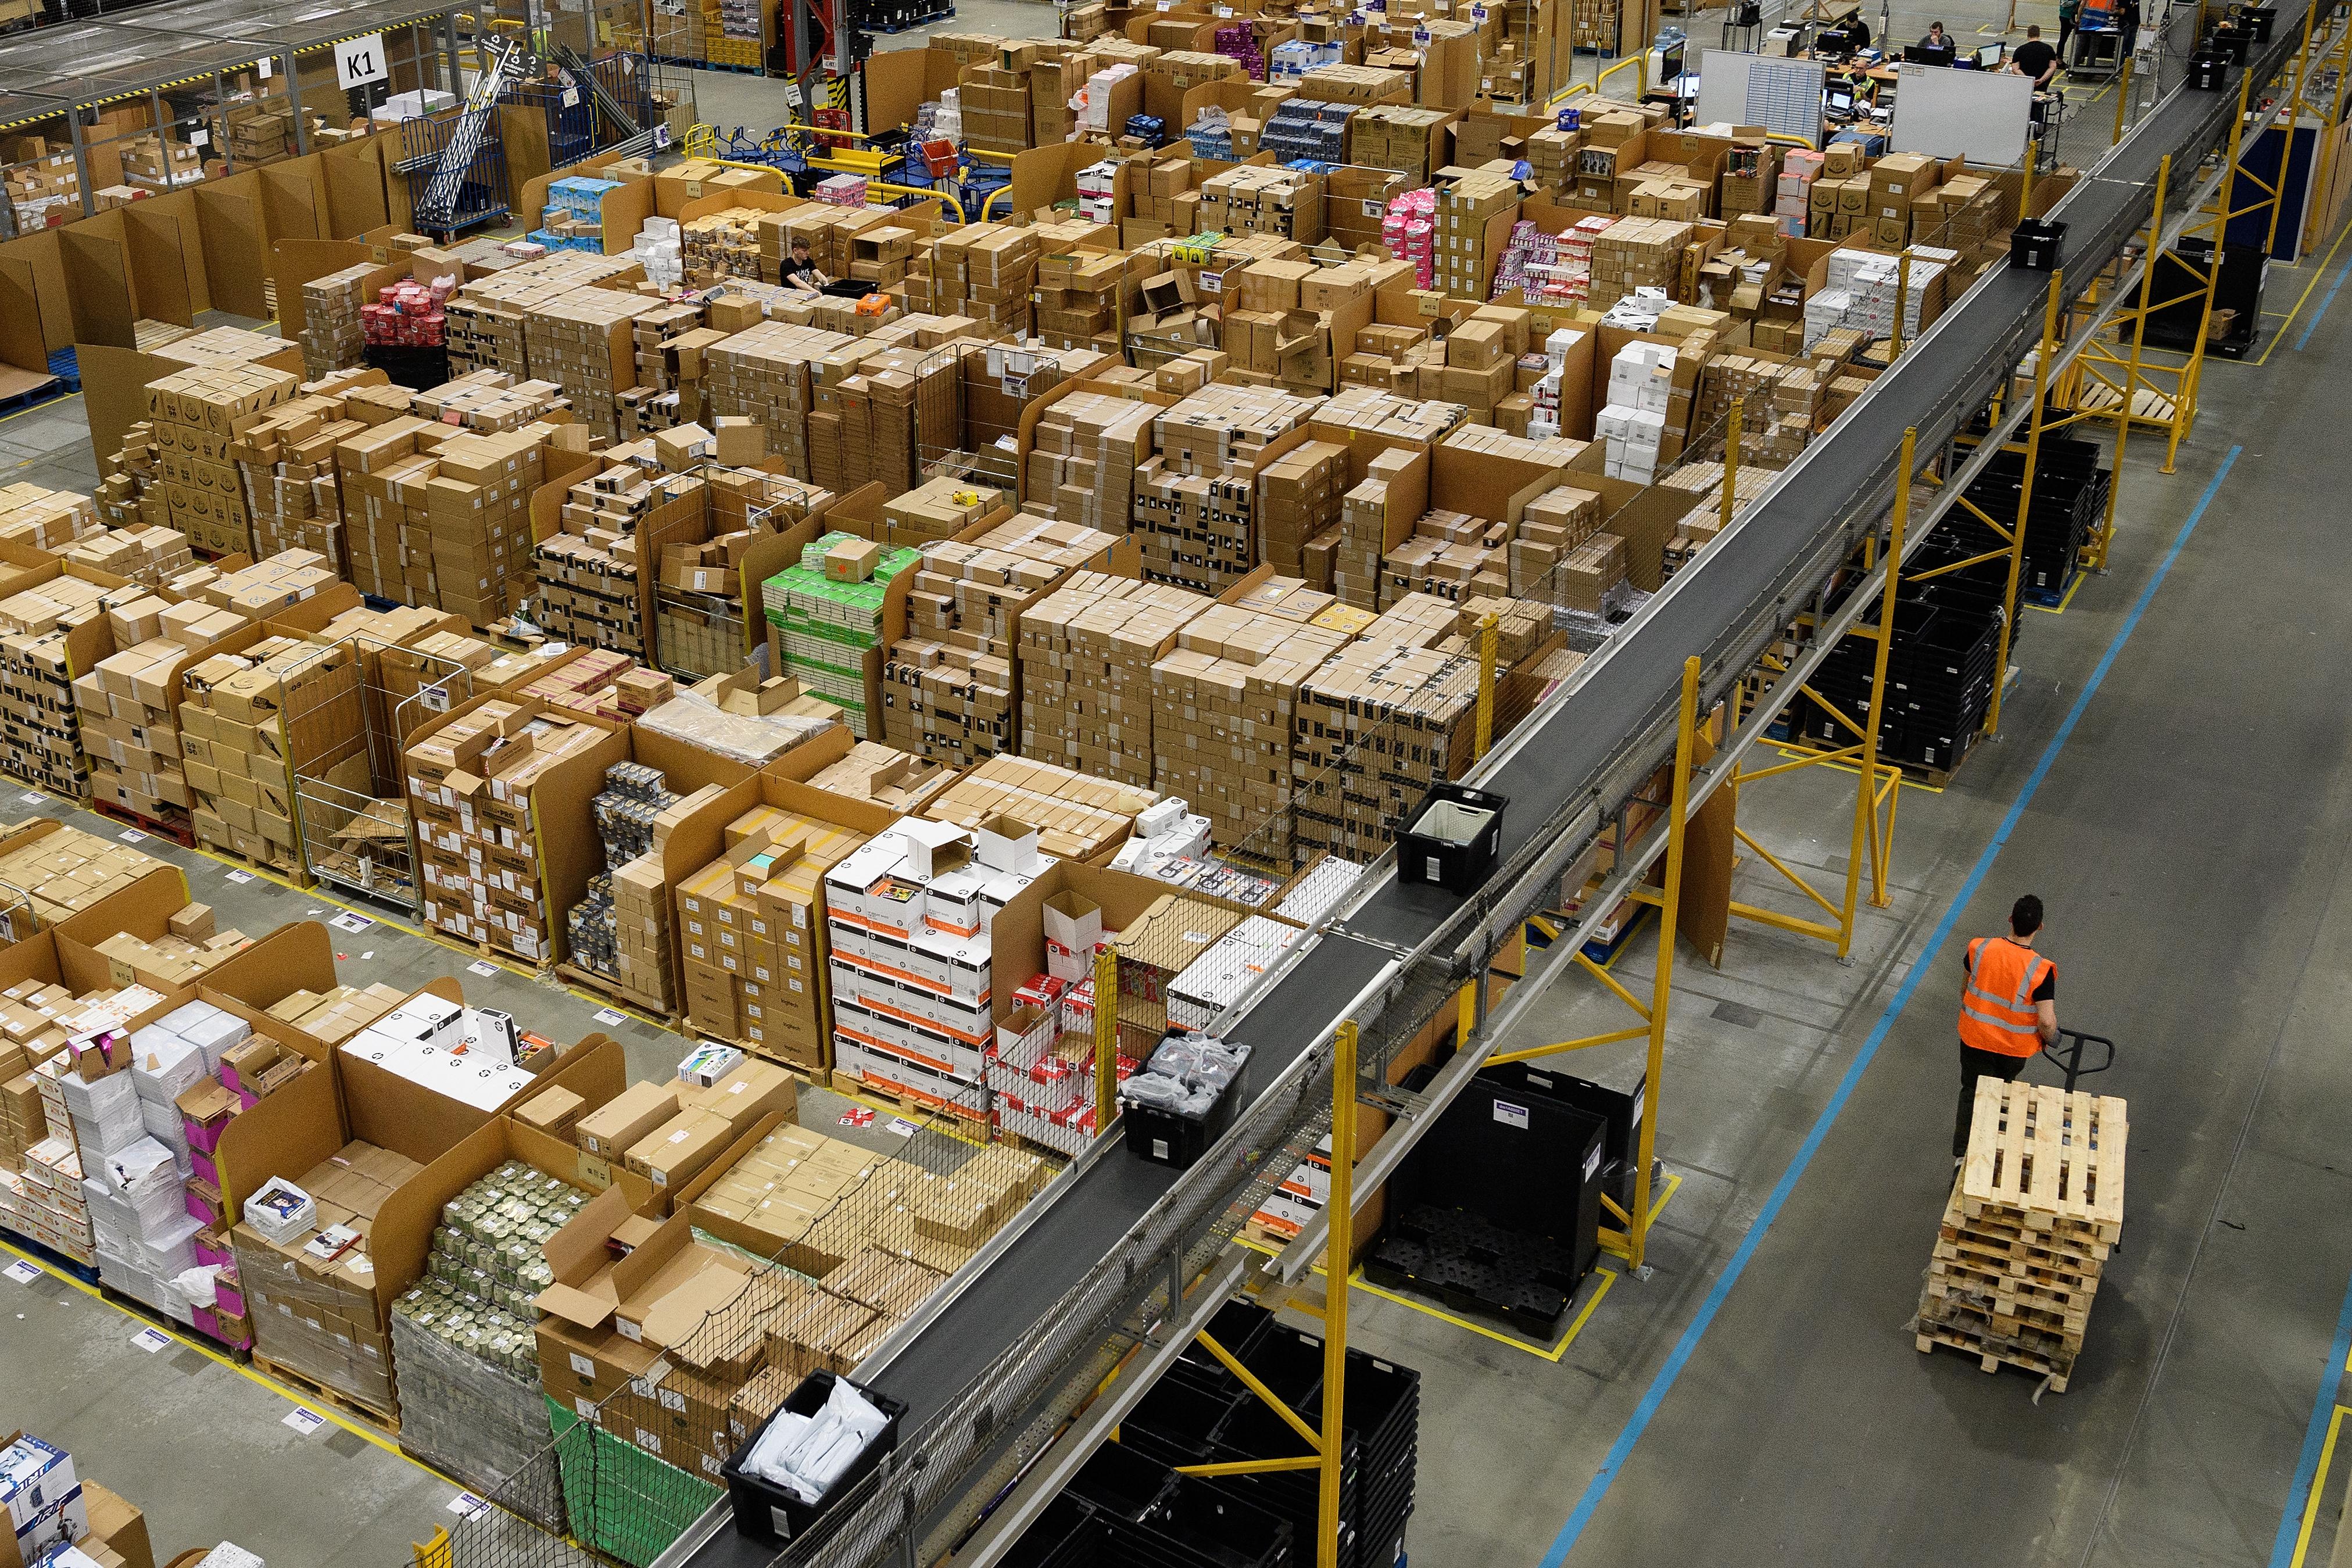 Épp a Black Friday idején kezdett sztrájkba az Amazon több mint 500 dolgozója Olaszországban és Németországban